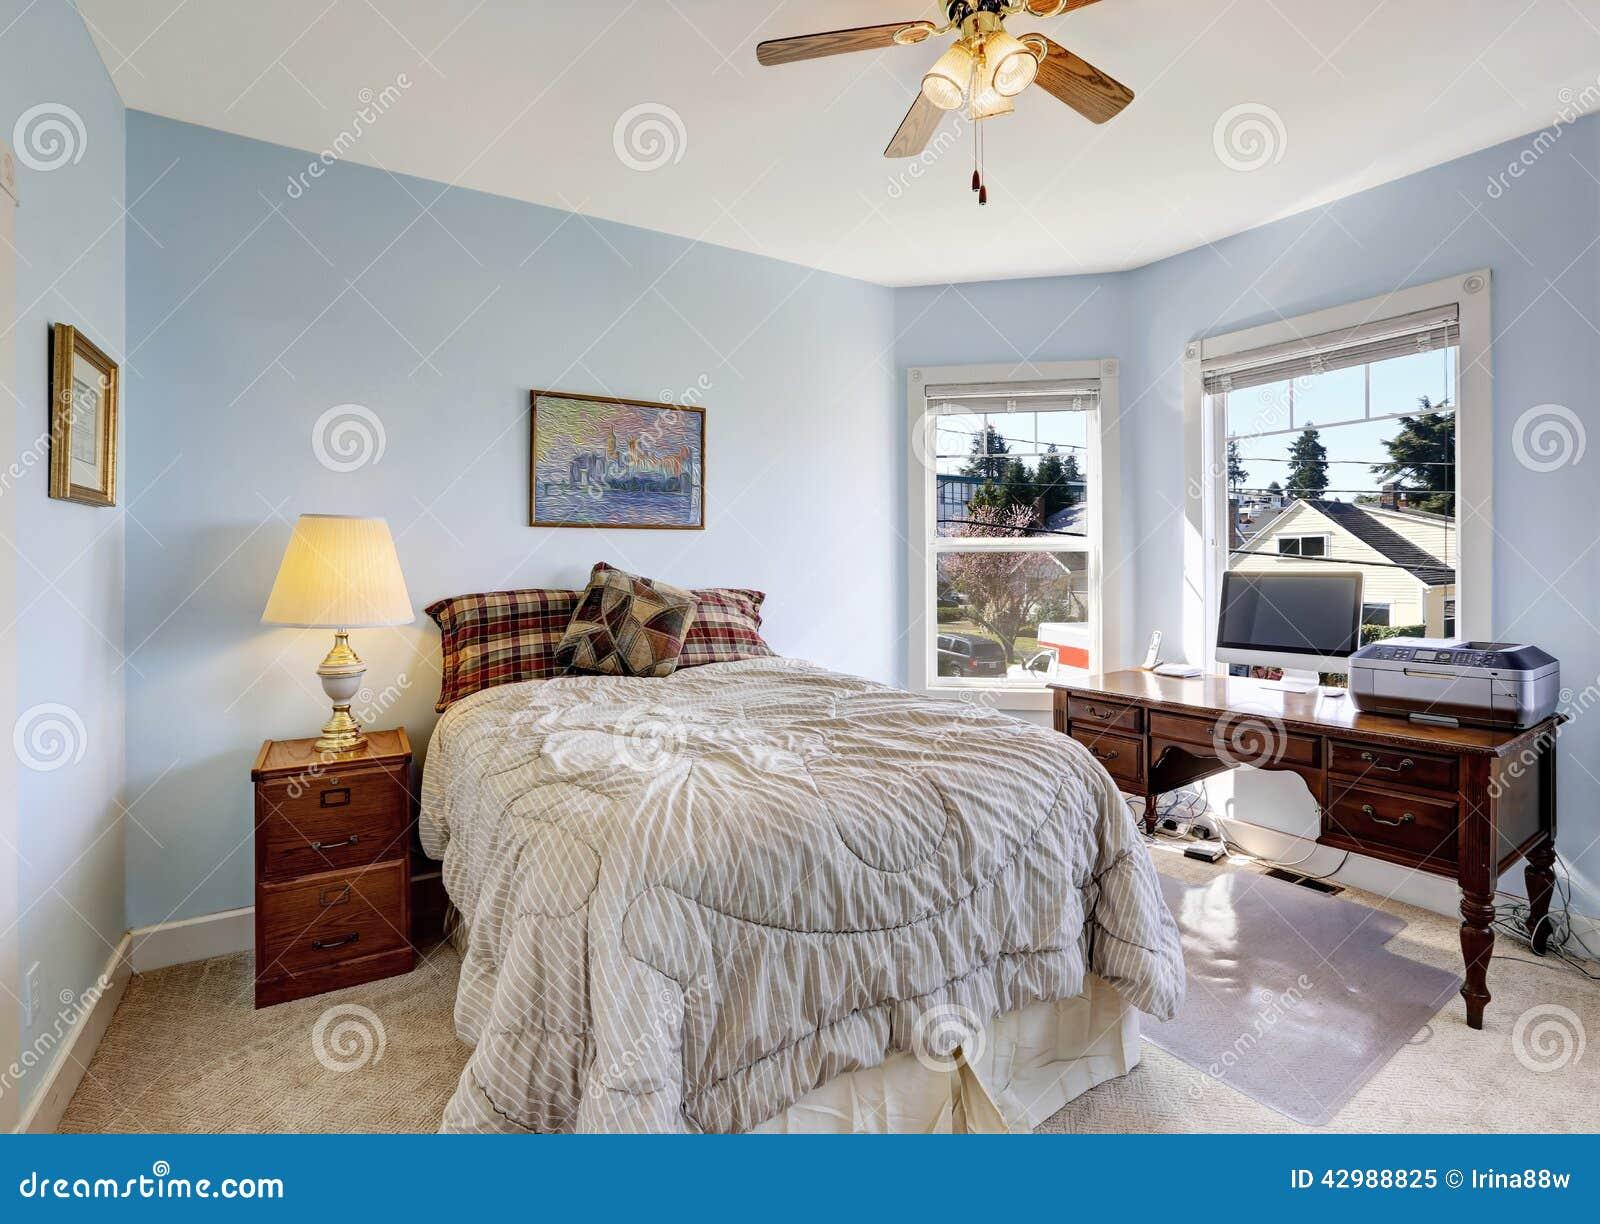 schlafzimmer blau streichen bettw sche 200 200 schlafzimmer gelb frau bettdecken reinigen. Black Bedroom Furniture Sets. Home Design Ideas